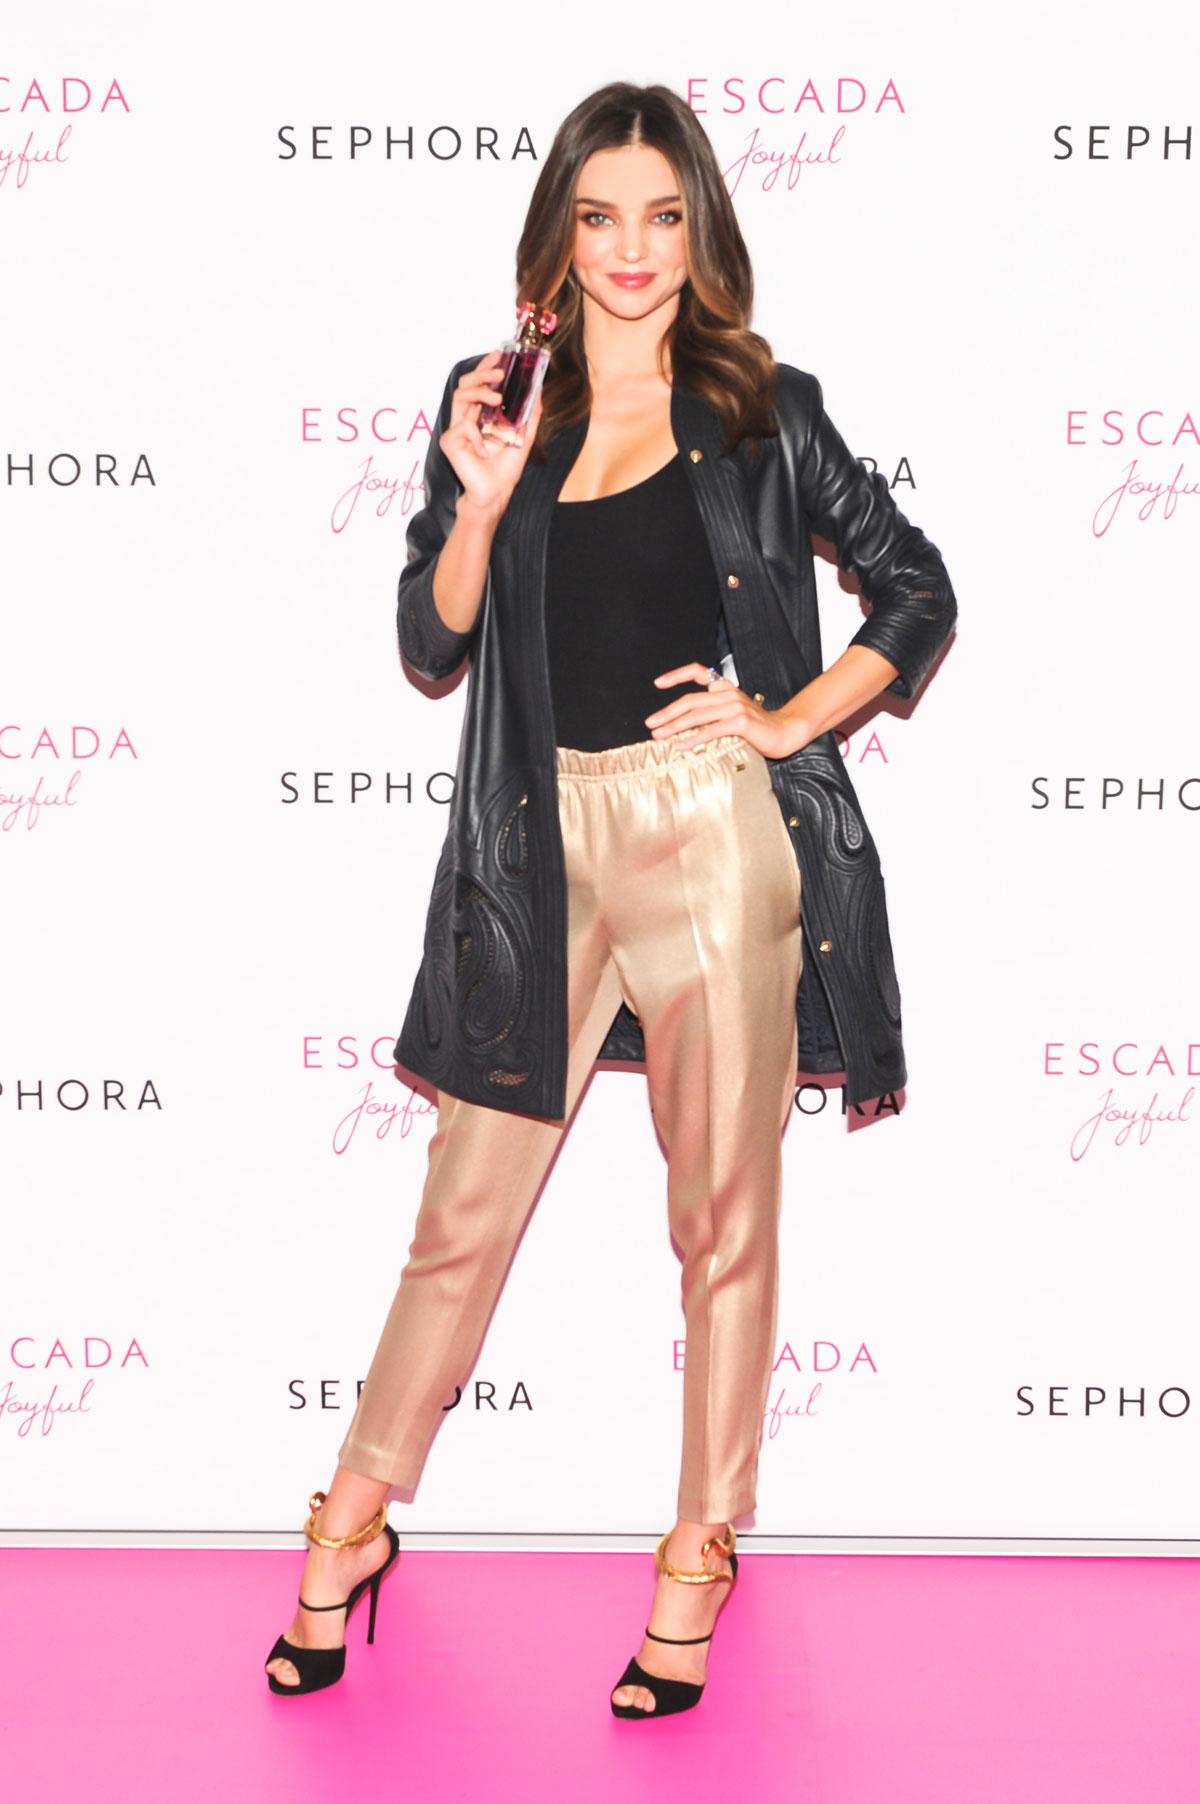 Miranda Kerr attends ESCADA at SEPHORA Union Square